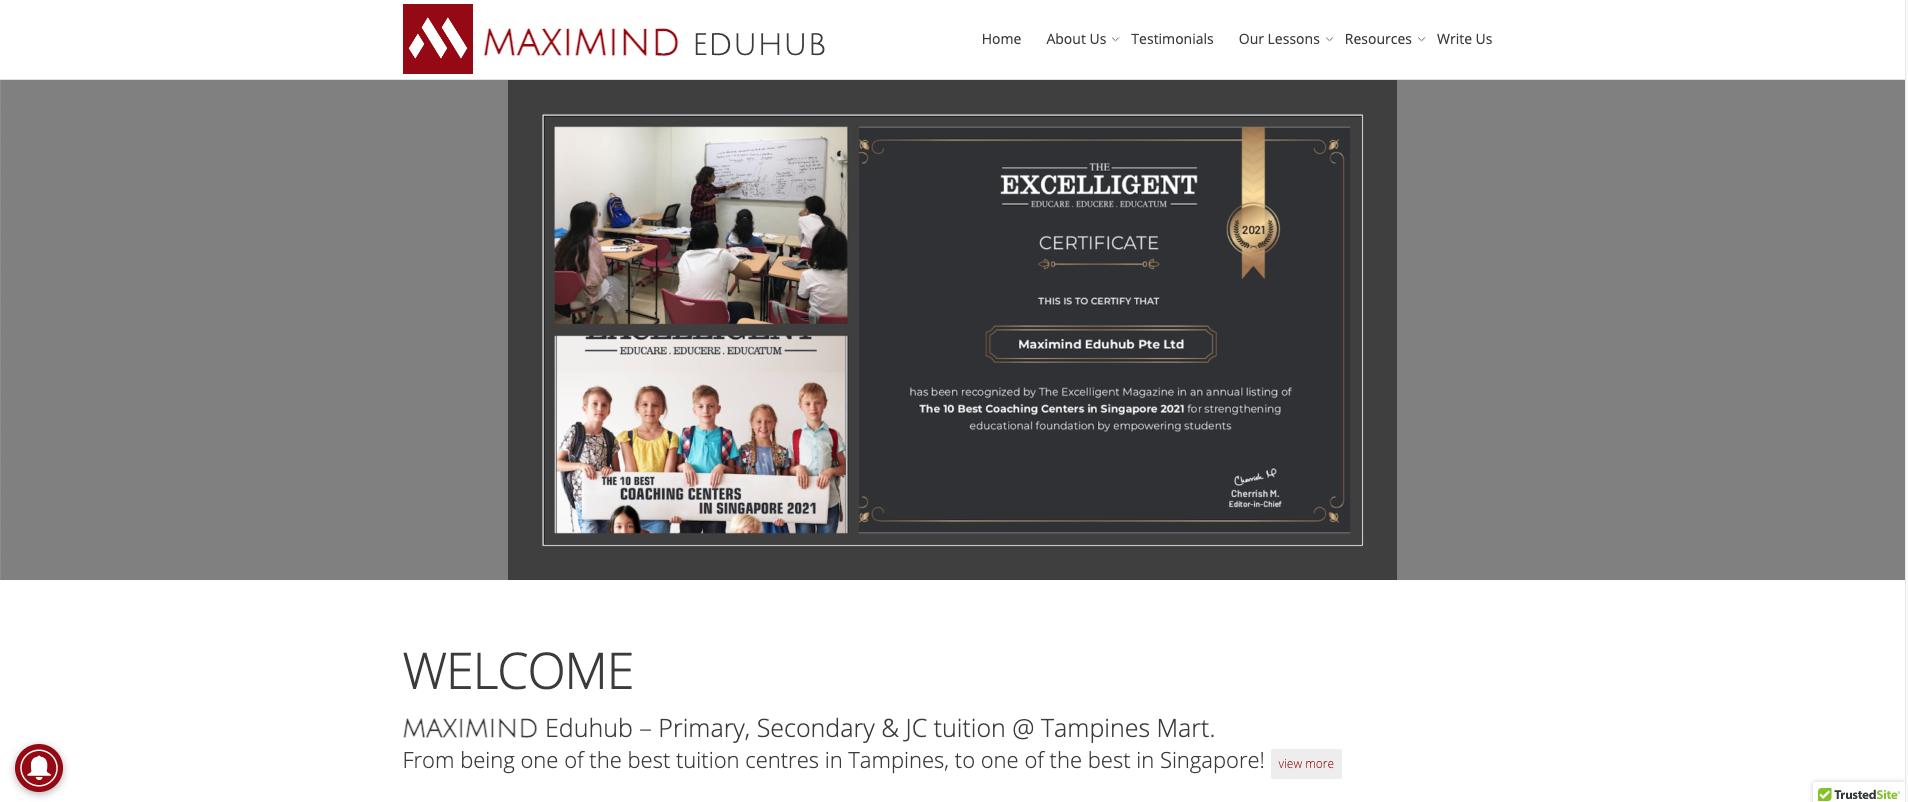 Maximind Eduhub GP Tuition